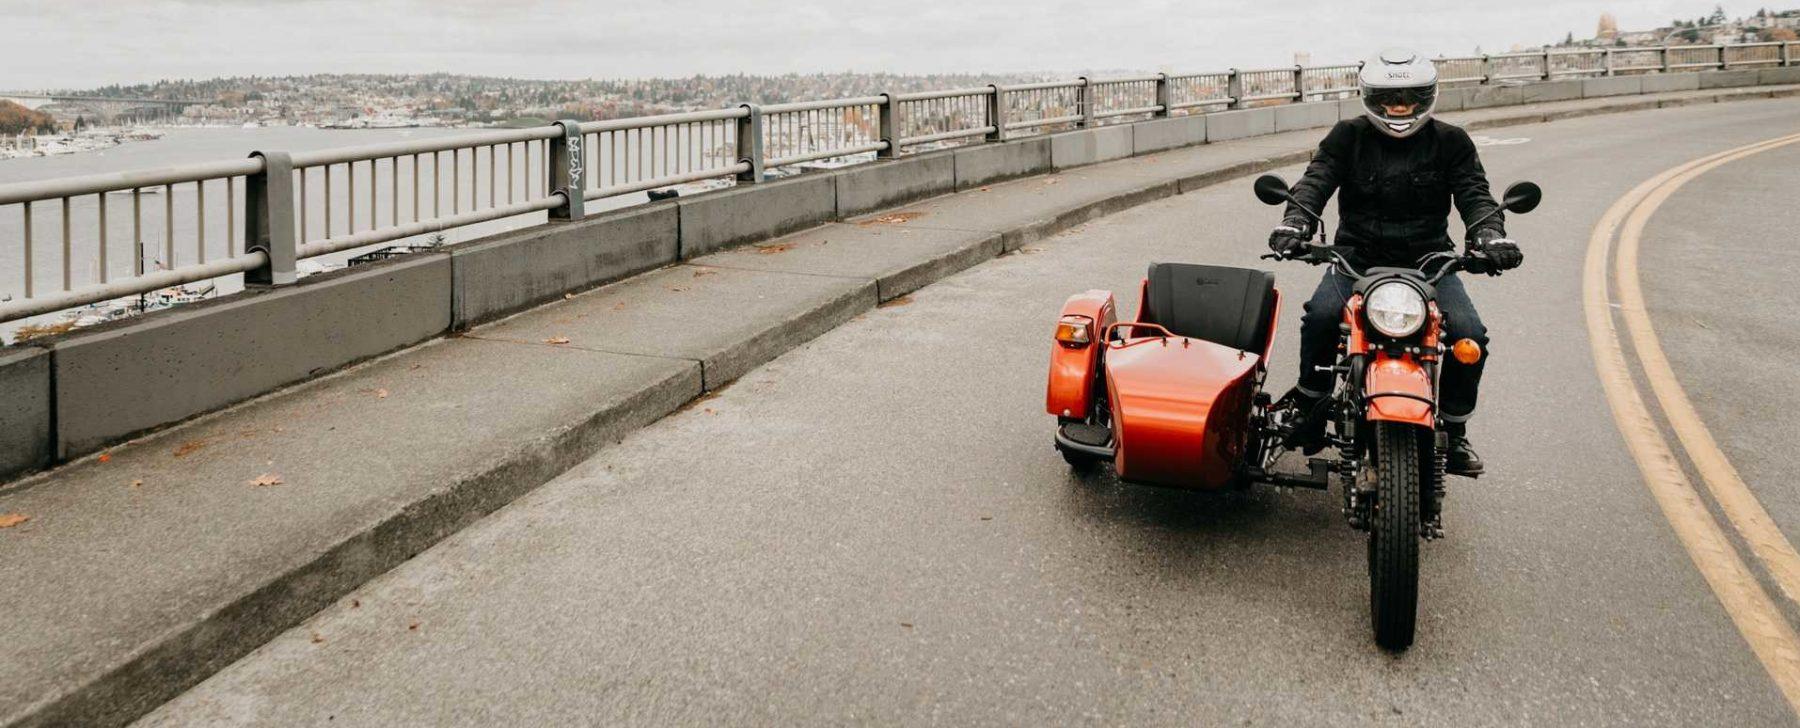 Ural E Project - moto electrica